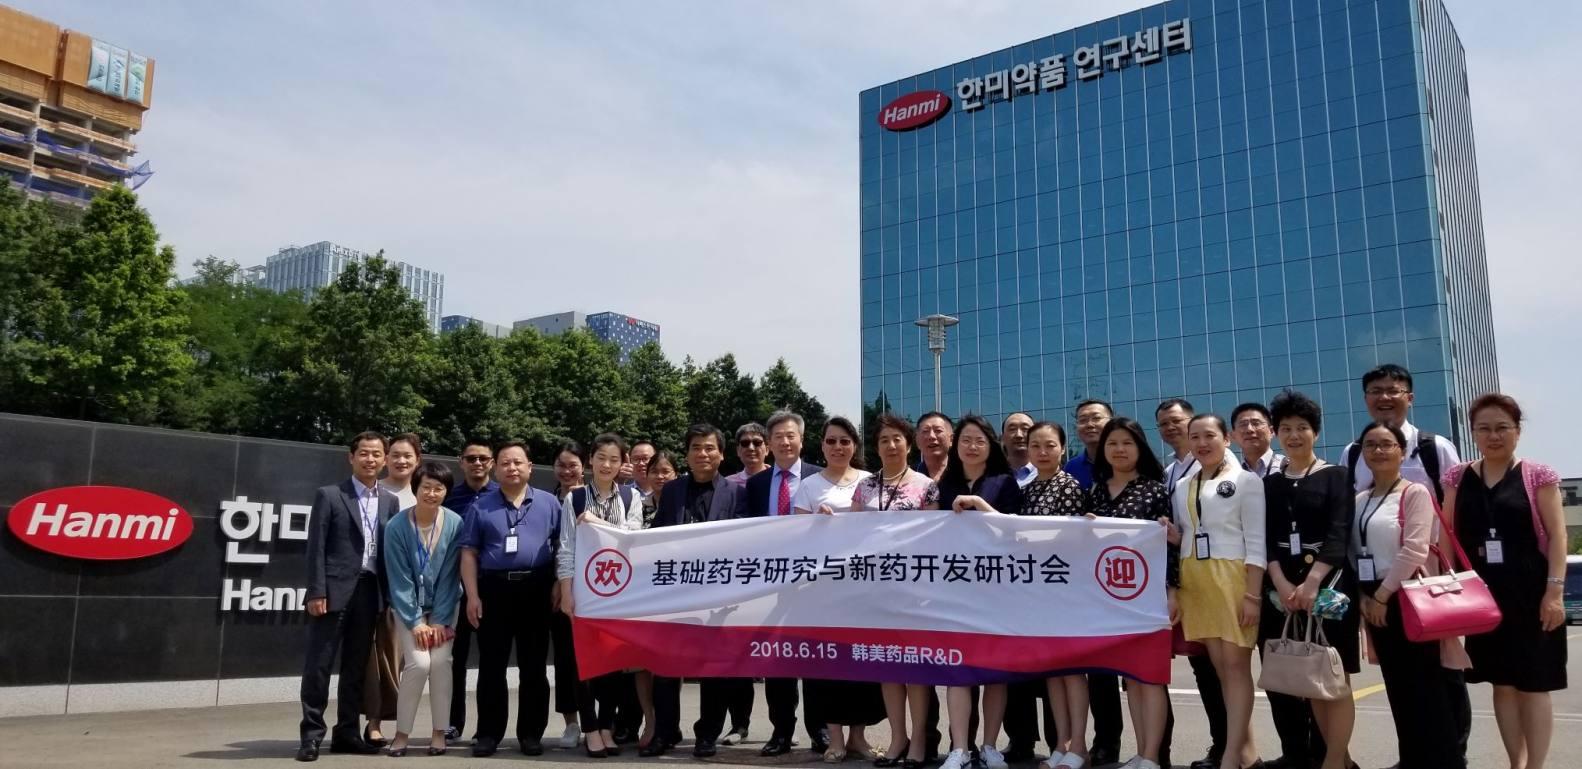 2018药师协会韩美总部参观合影2M